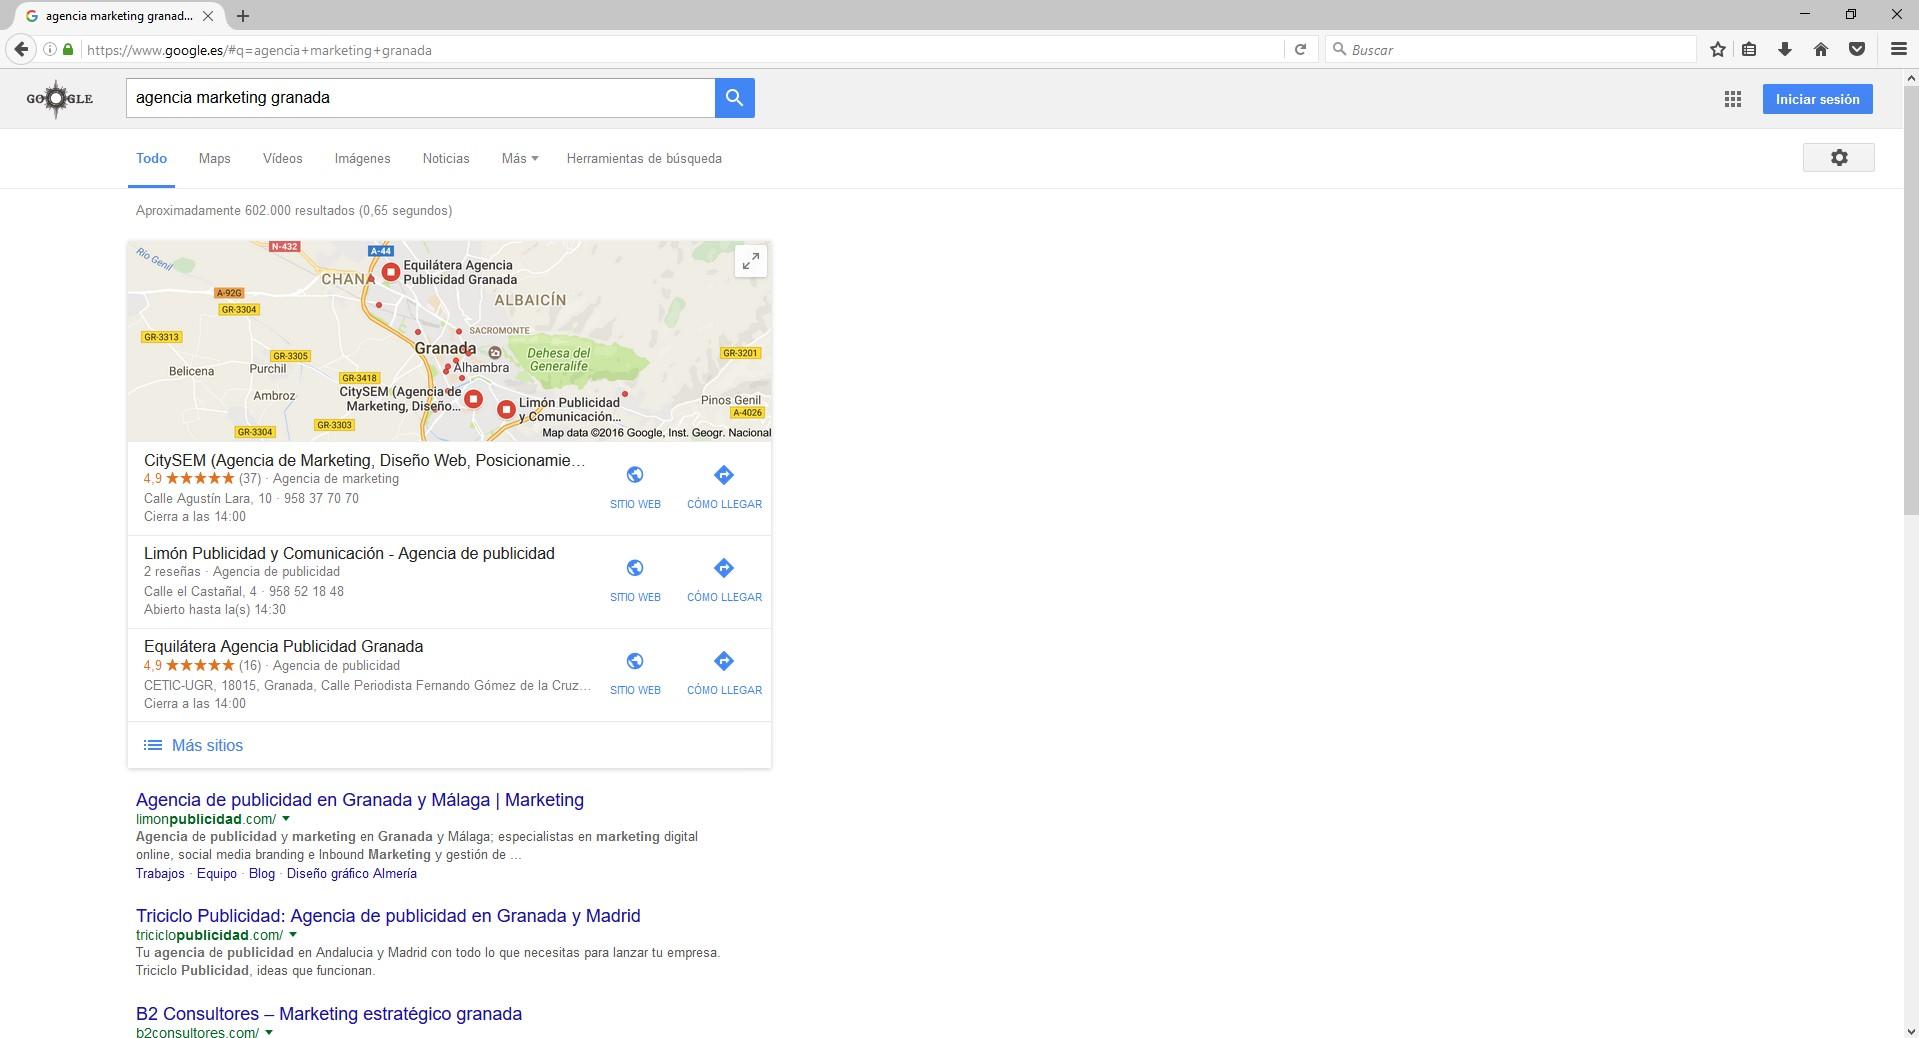 resultado de búsqueda del término agencia marketing granada